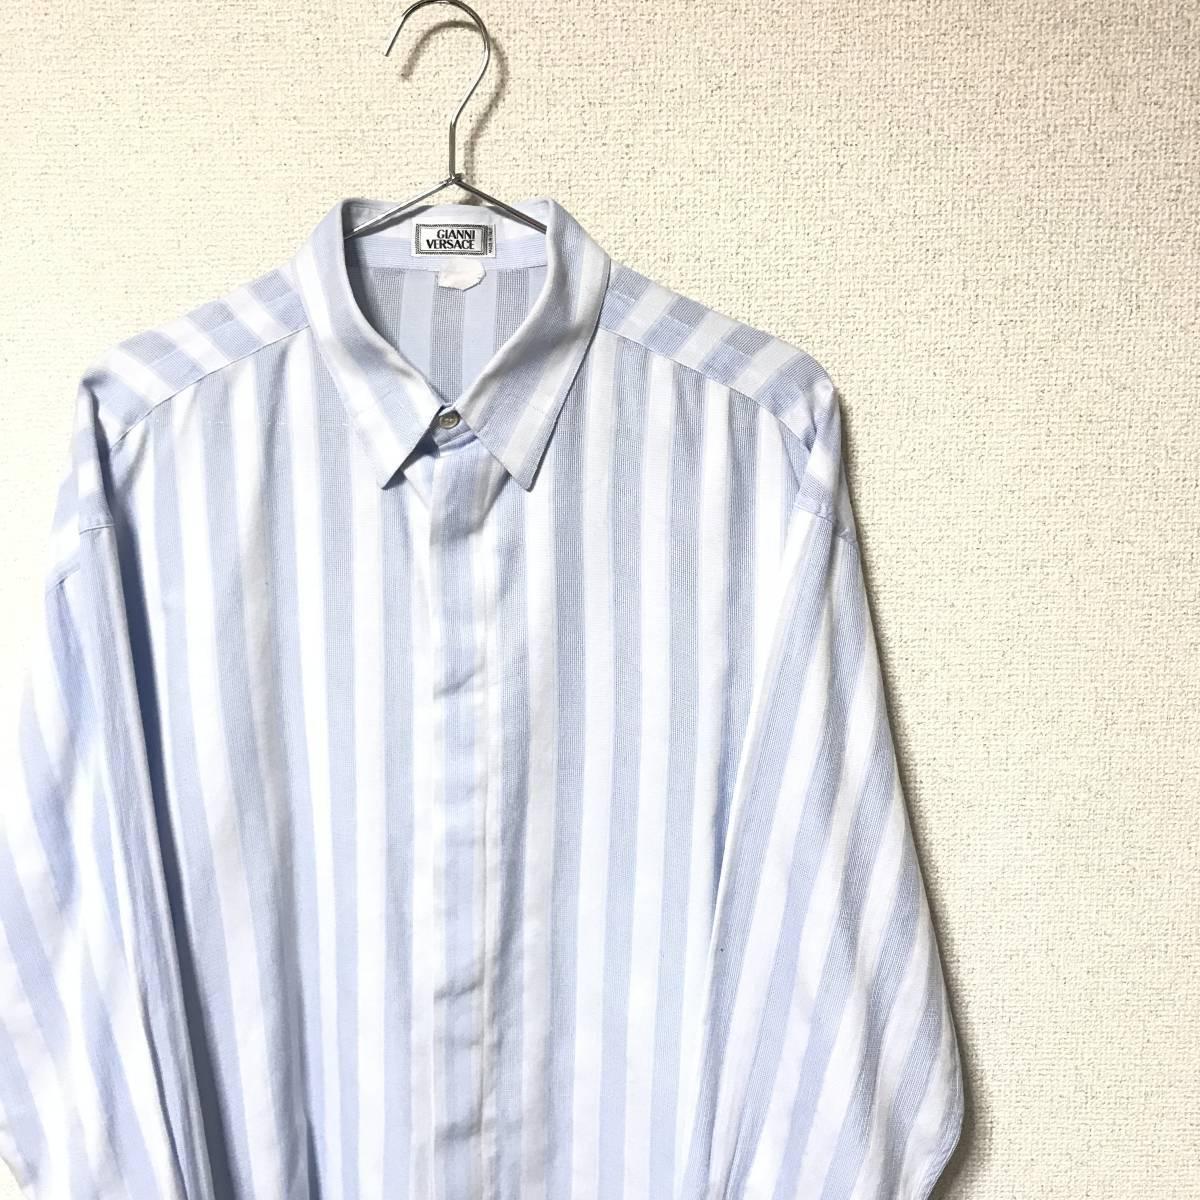 ★Gianni Versace/ヴェルサーチ★メンズ ストライプ柄 長袖 シャツ レギュラーカラー ブロード 水色 ライトブルー ドレスシャツ ワイシャツ_画像4